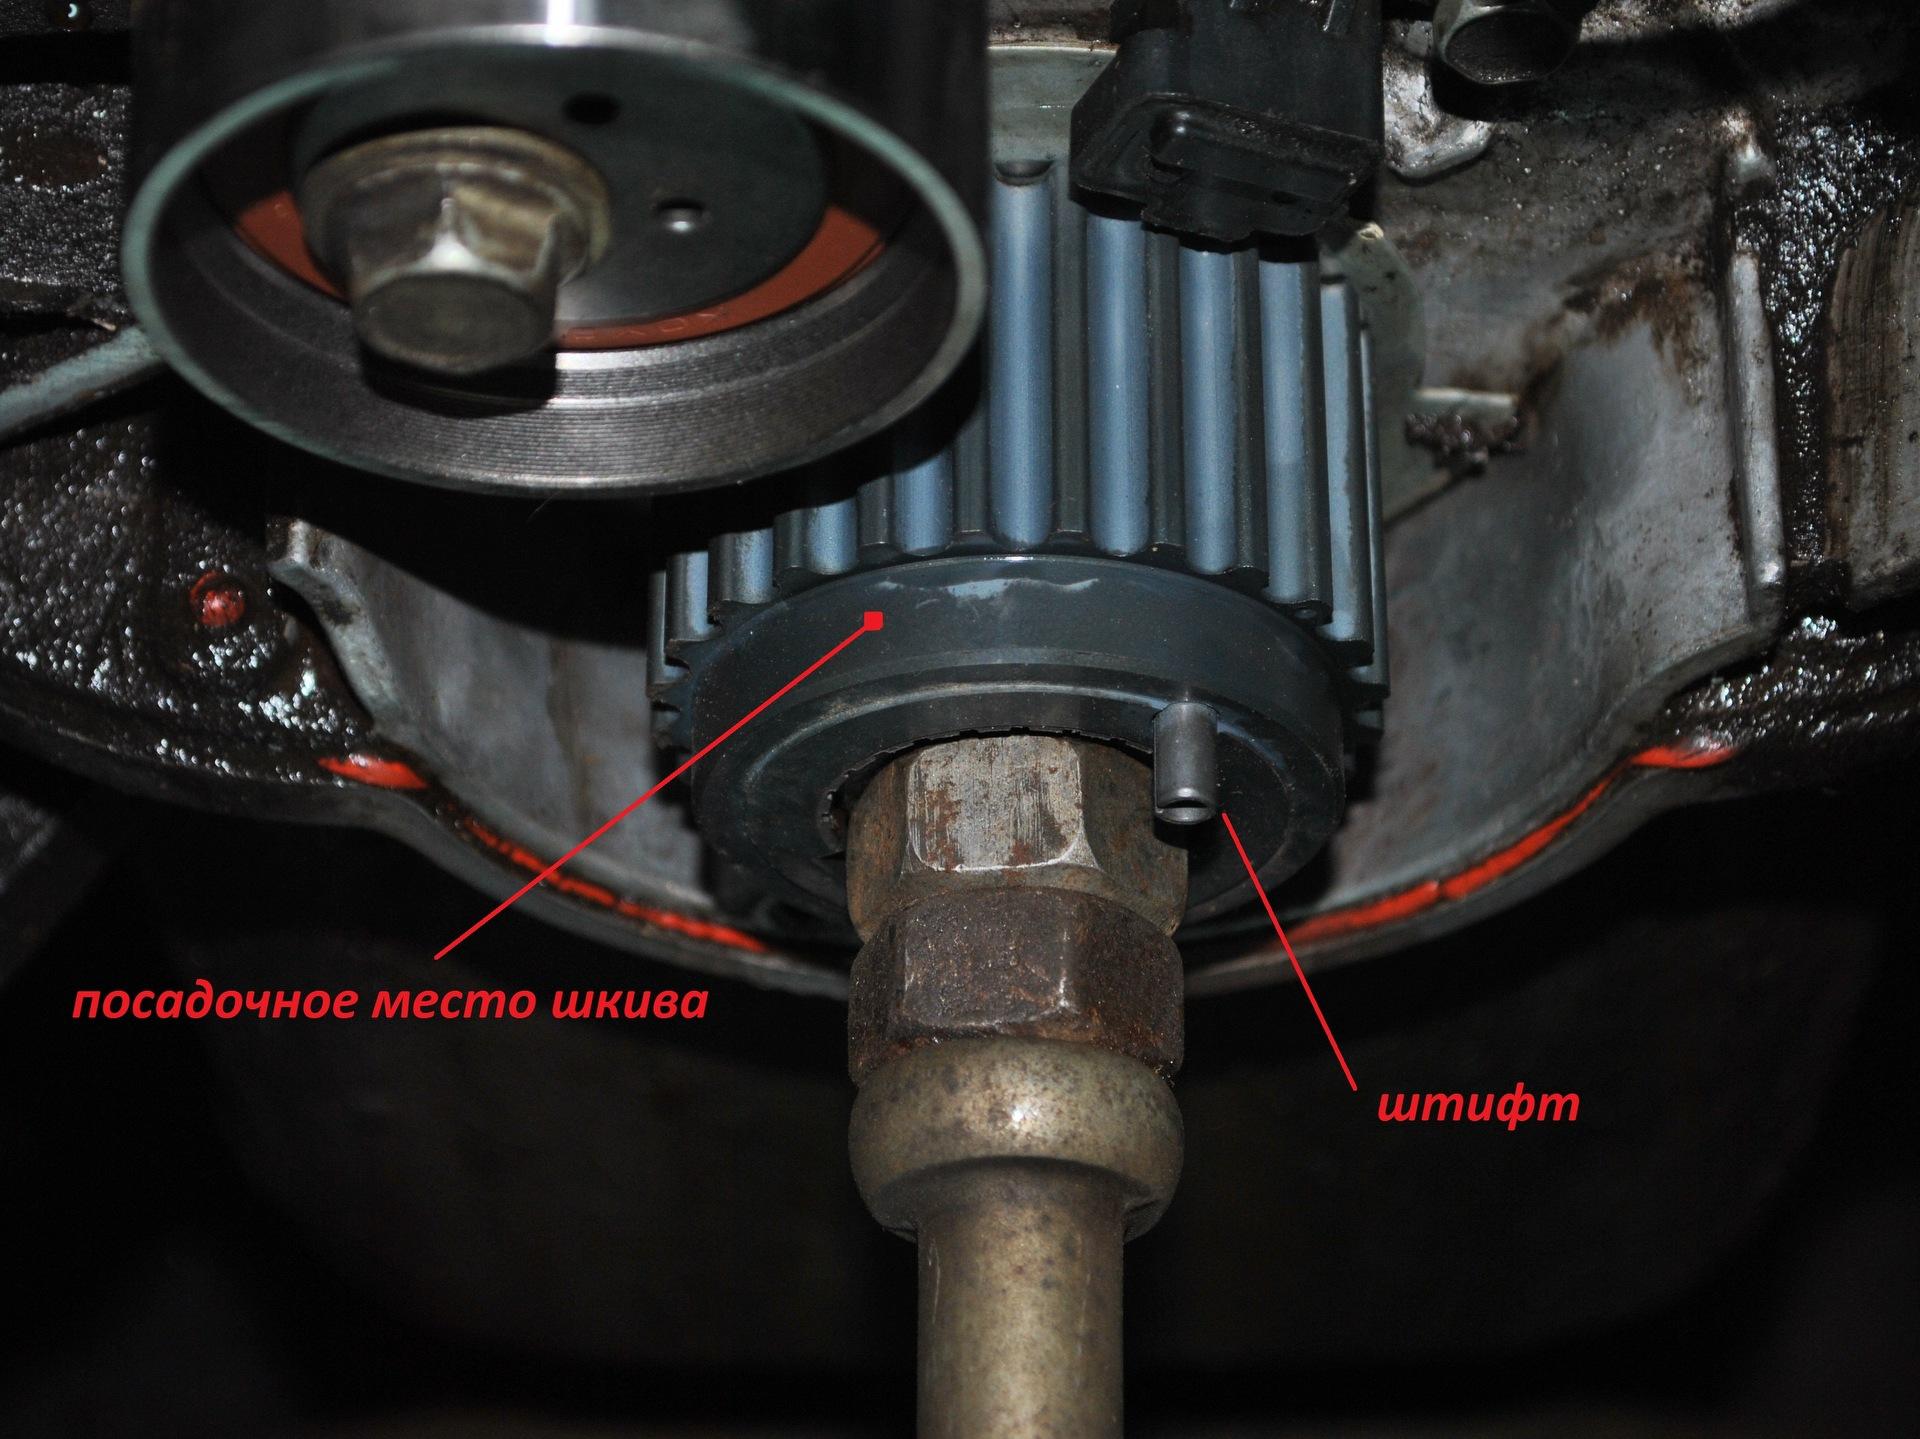 ремня мицубиси паджеро 3 v6 схема